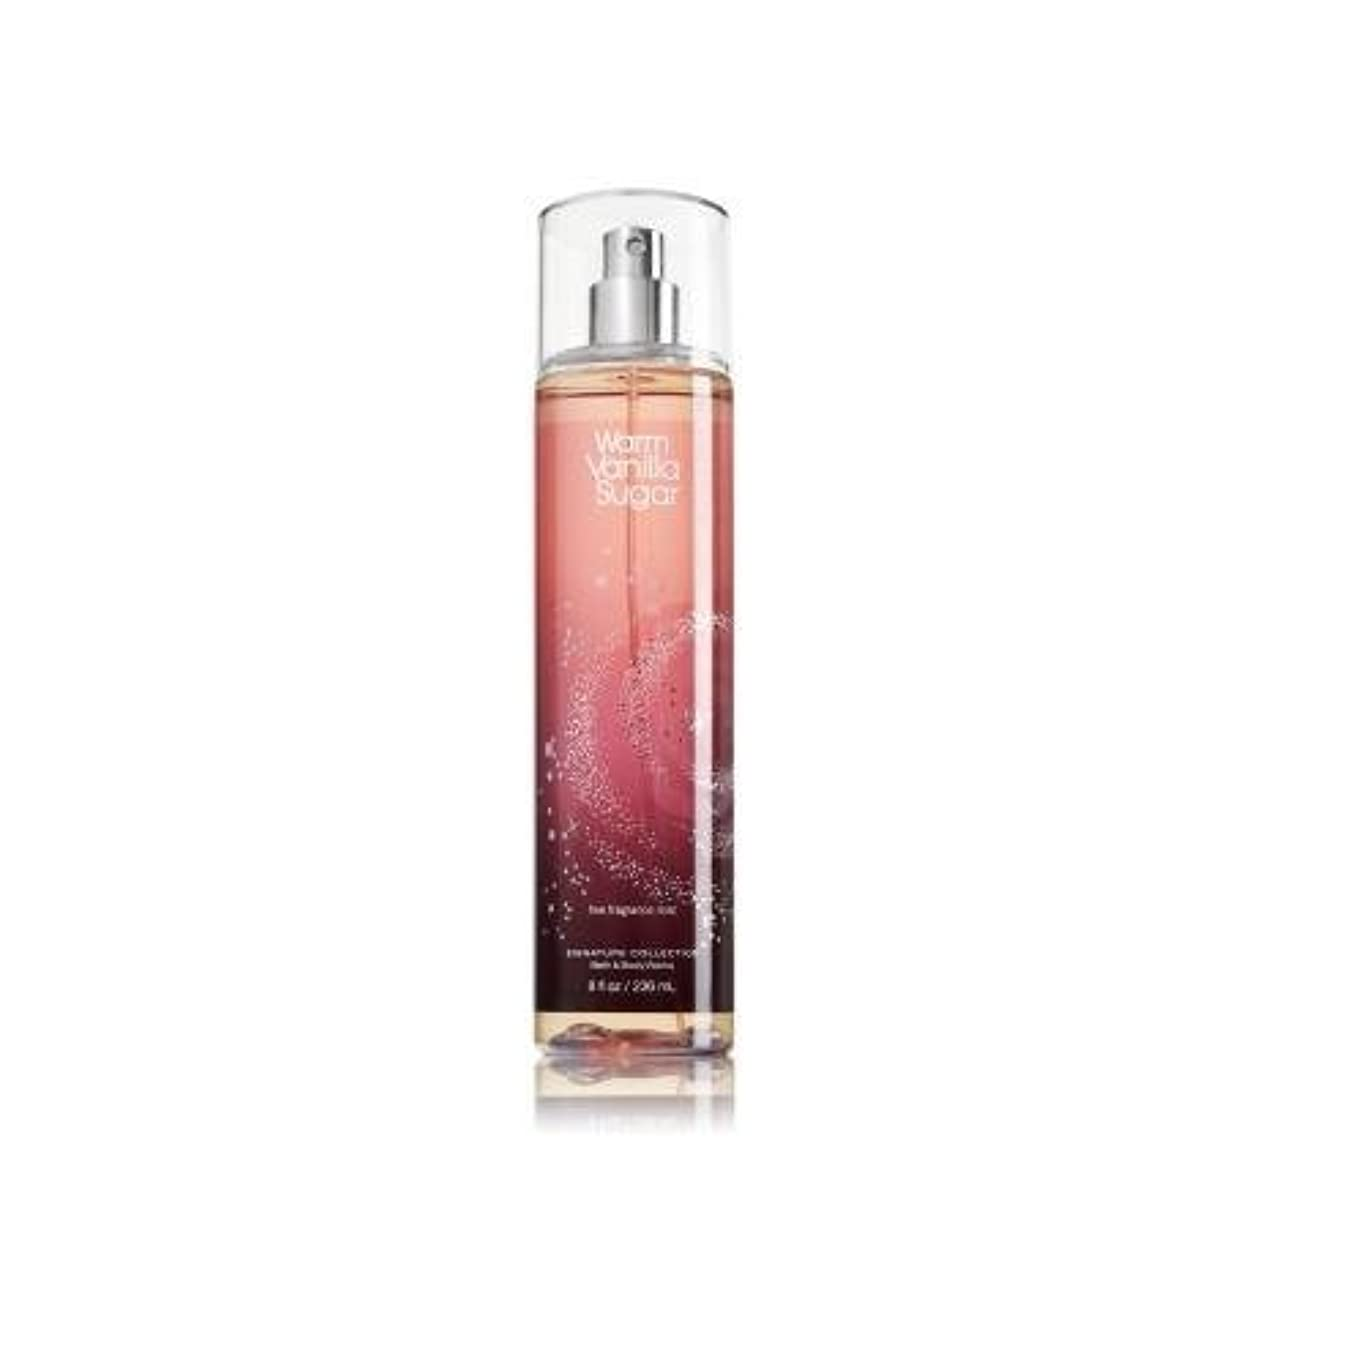 プランター懇願する名誉Bath & Body Works ウォームバニラシュガー フレグランスミスト warm vanilla sugar Fragrance Mist[並行輸入品]